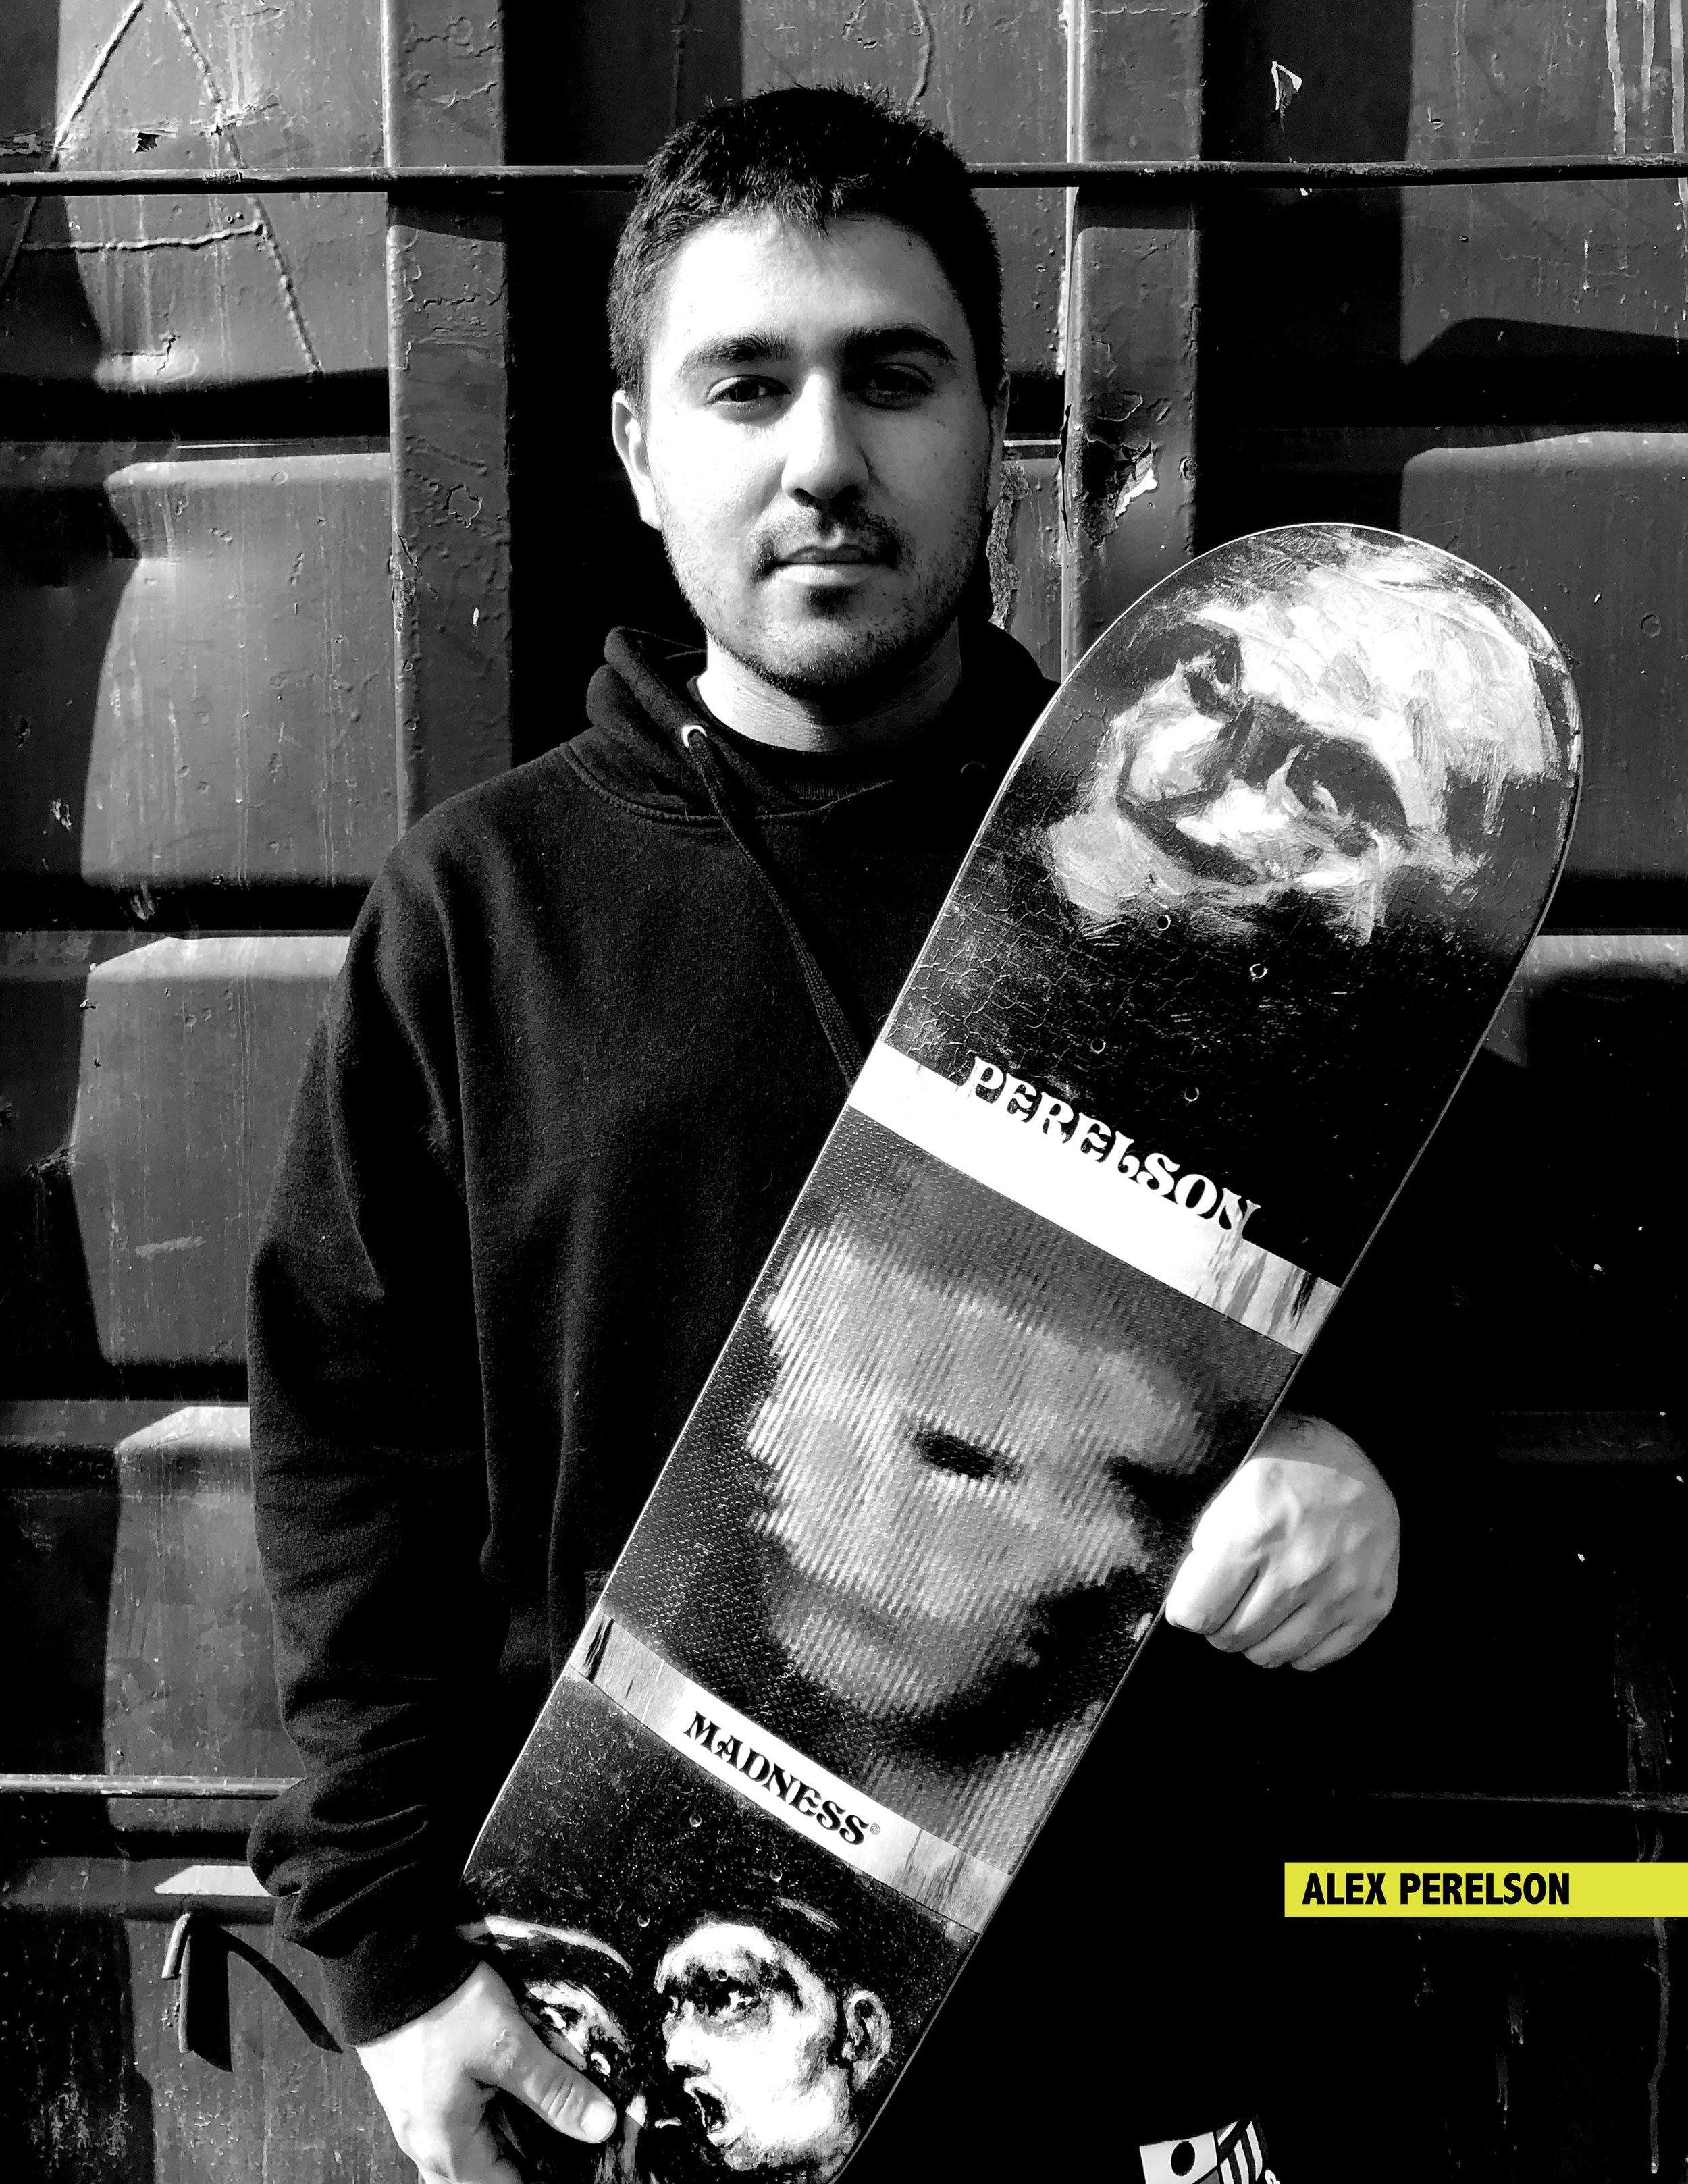 Madness_Spring_197_Alex_Perelson_skateboards.jpg